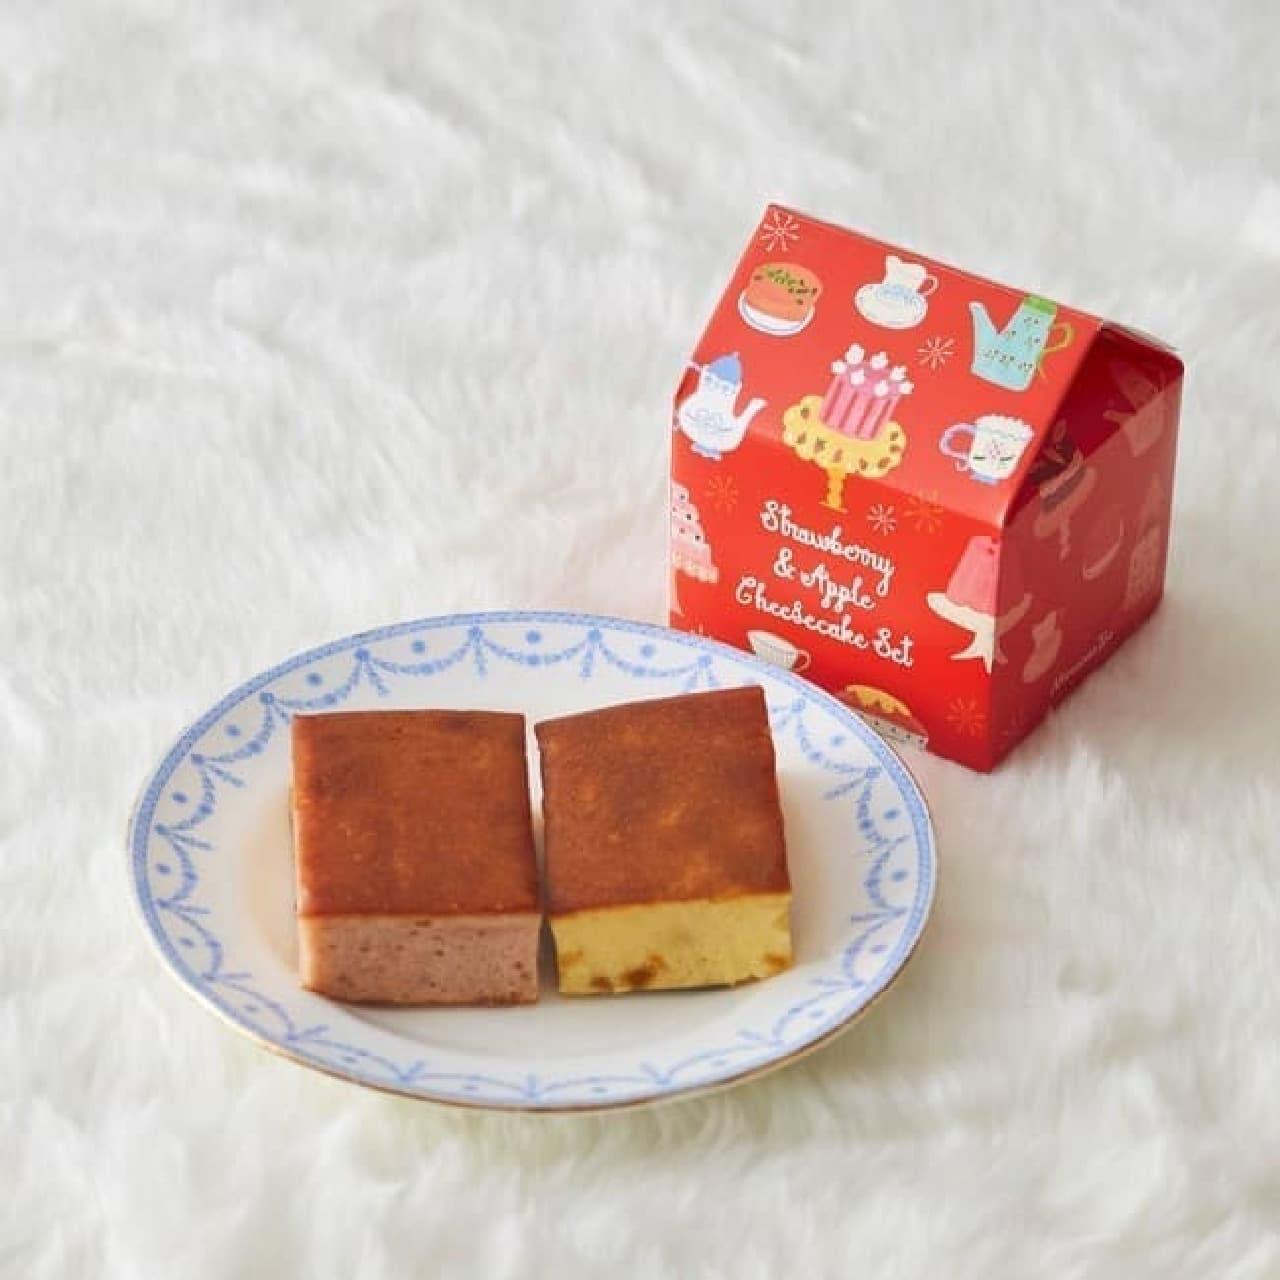 アフタヌーンティー・ティールーム「苺&アップルチーズケーキセット」